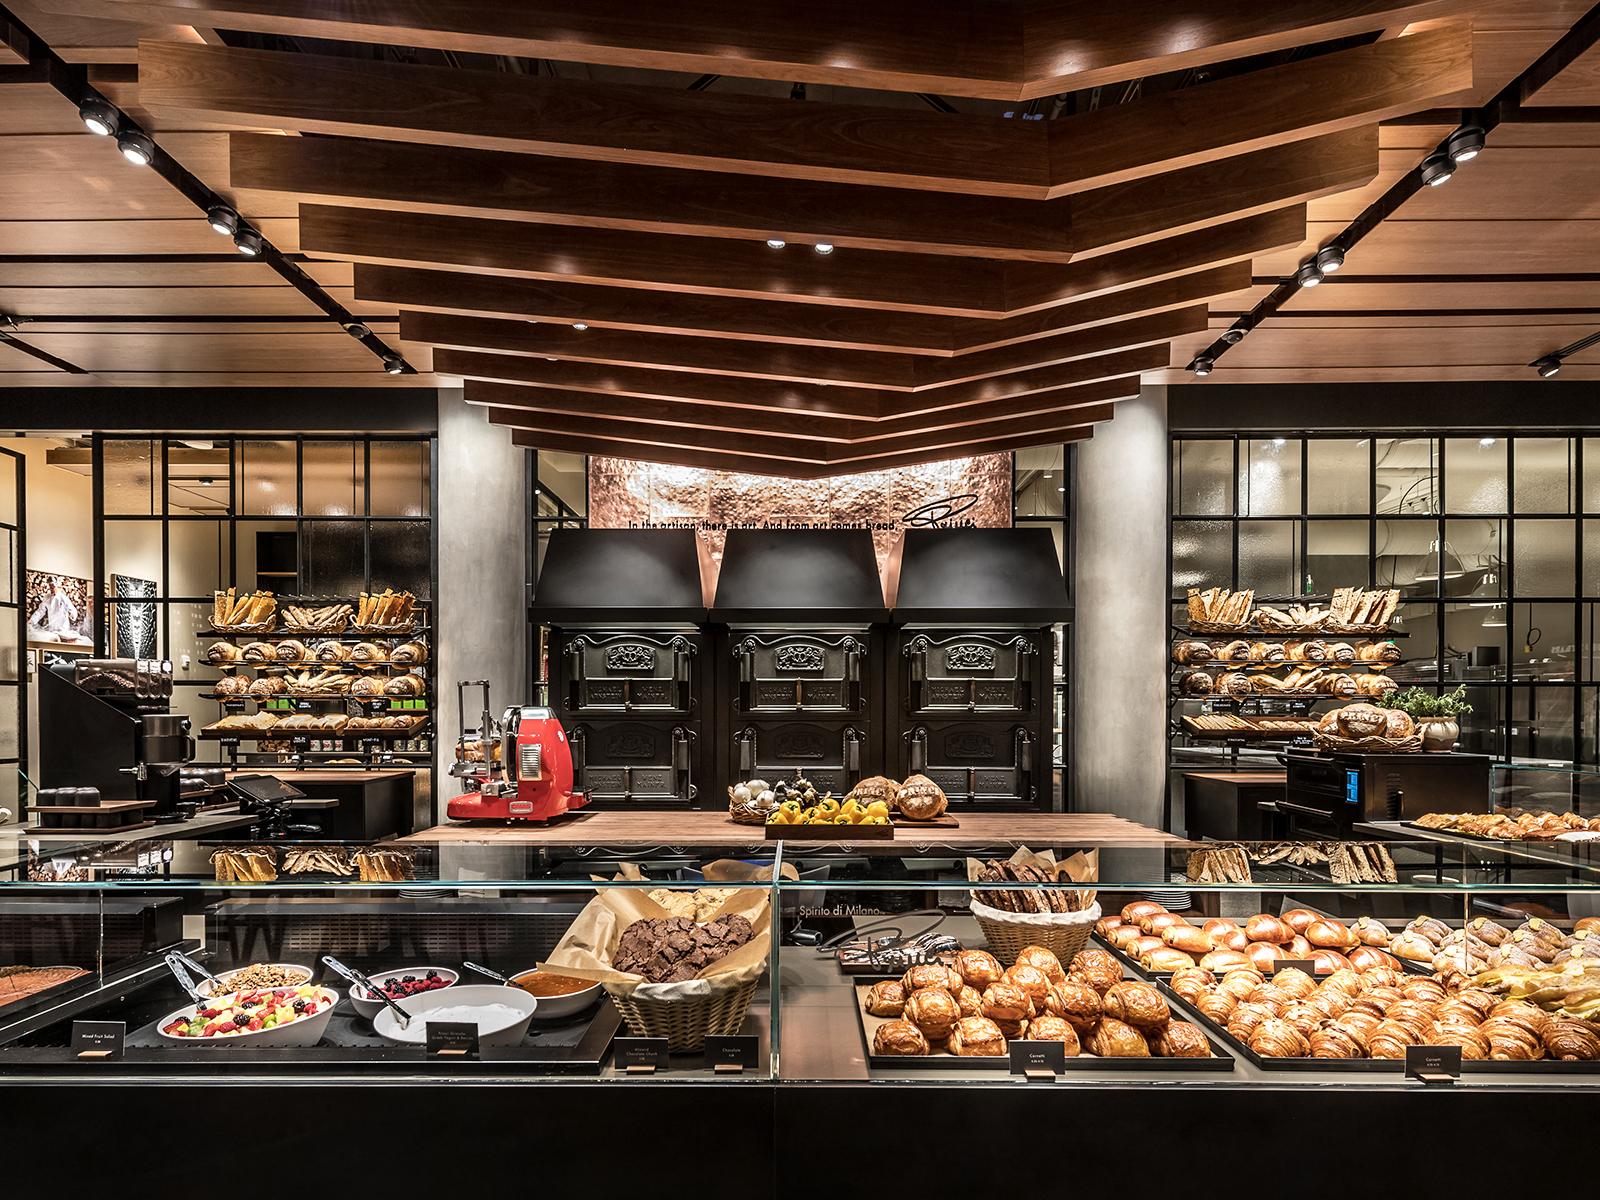 bakery at starbucks reserve store